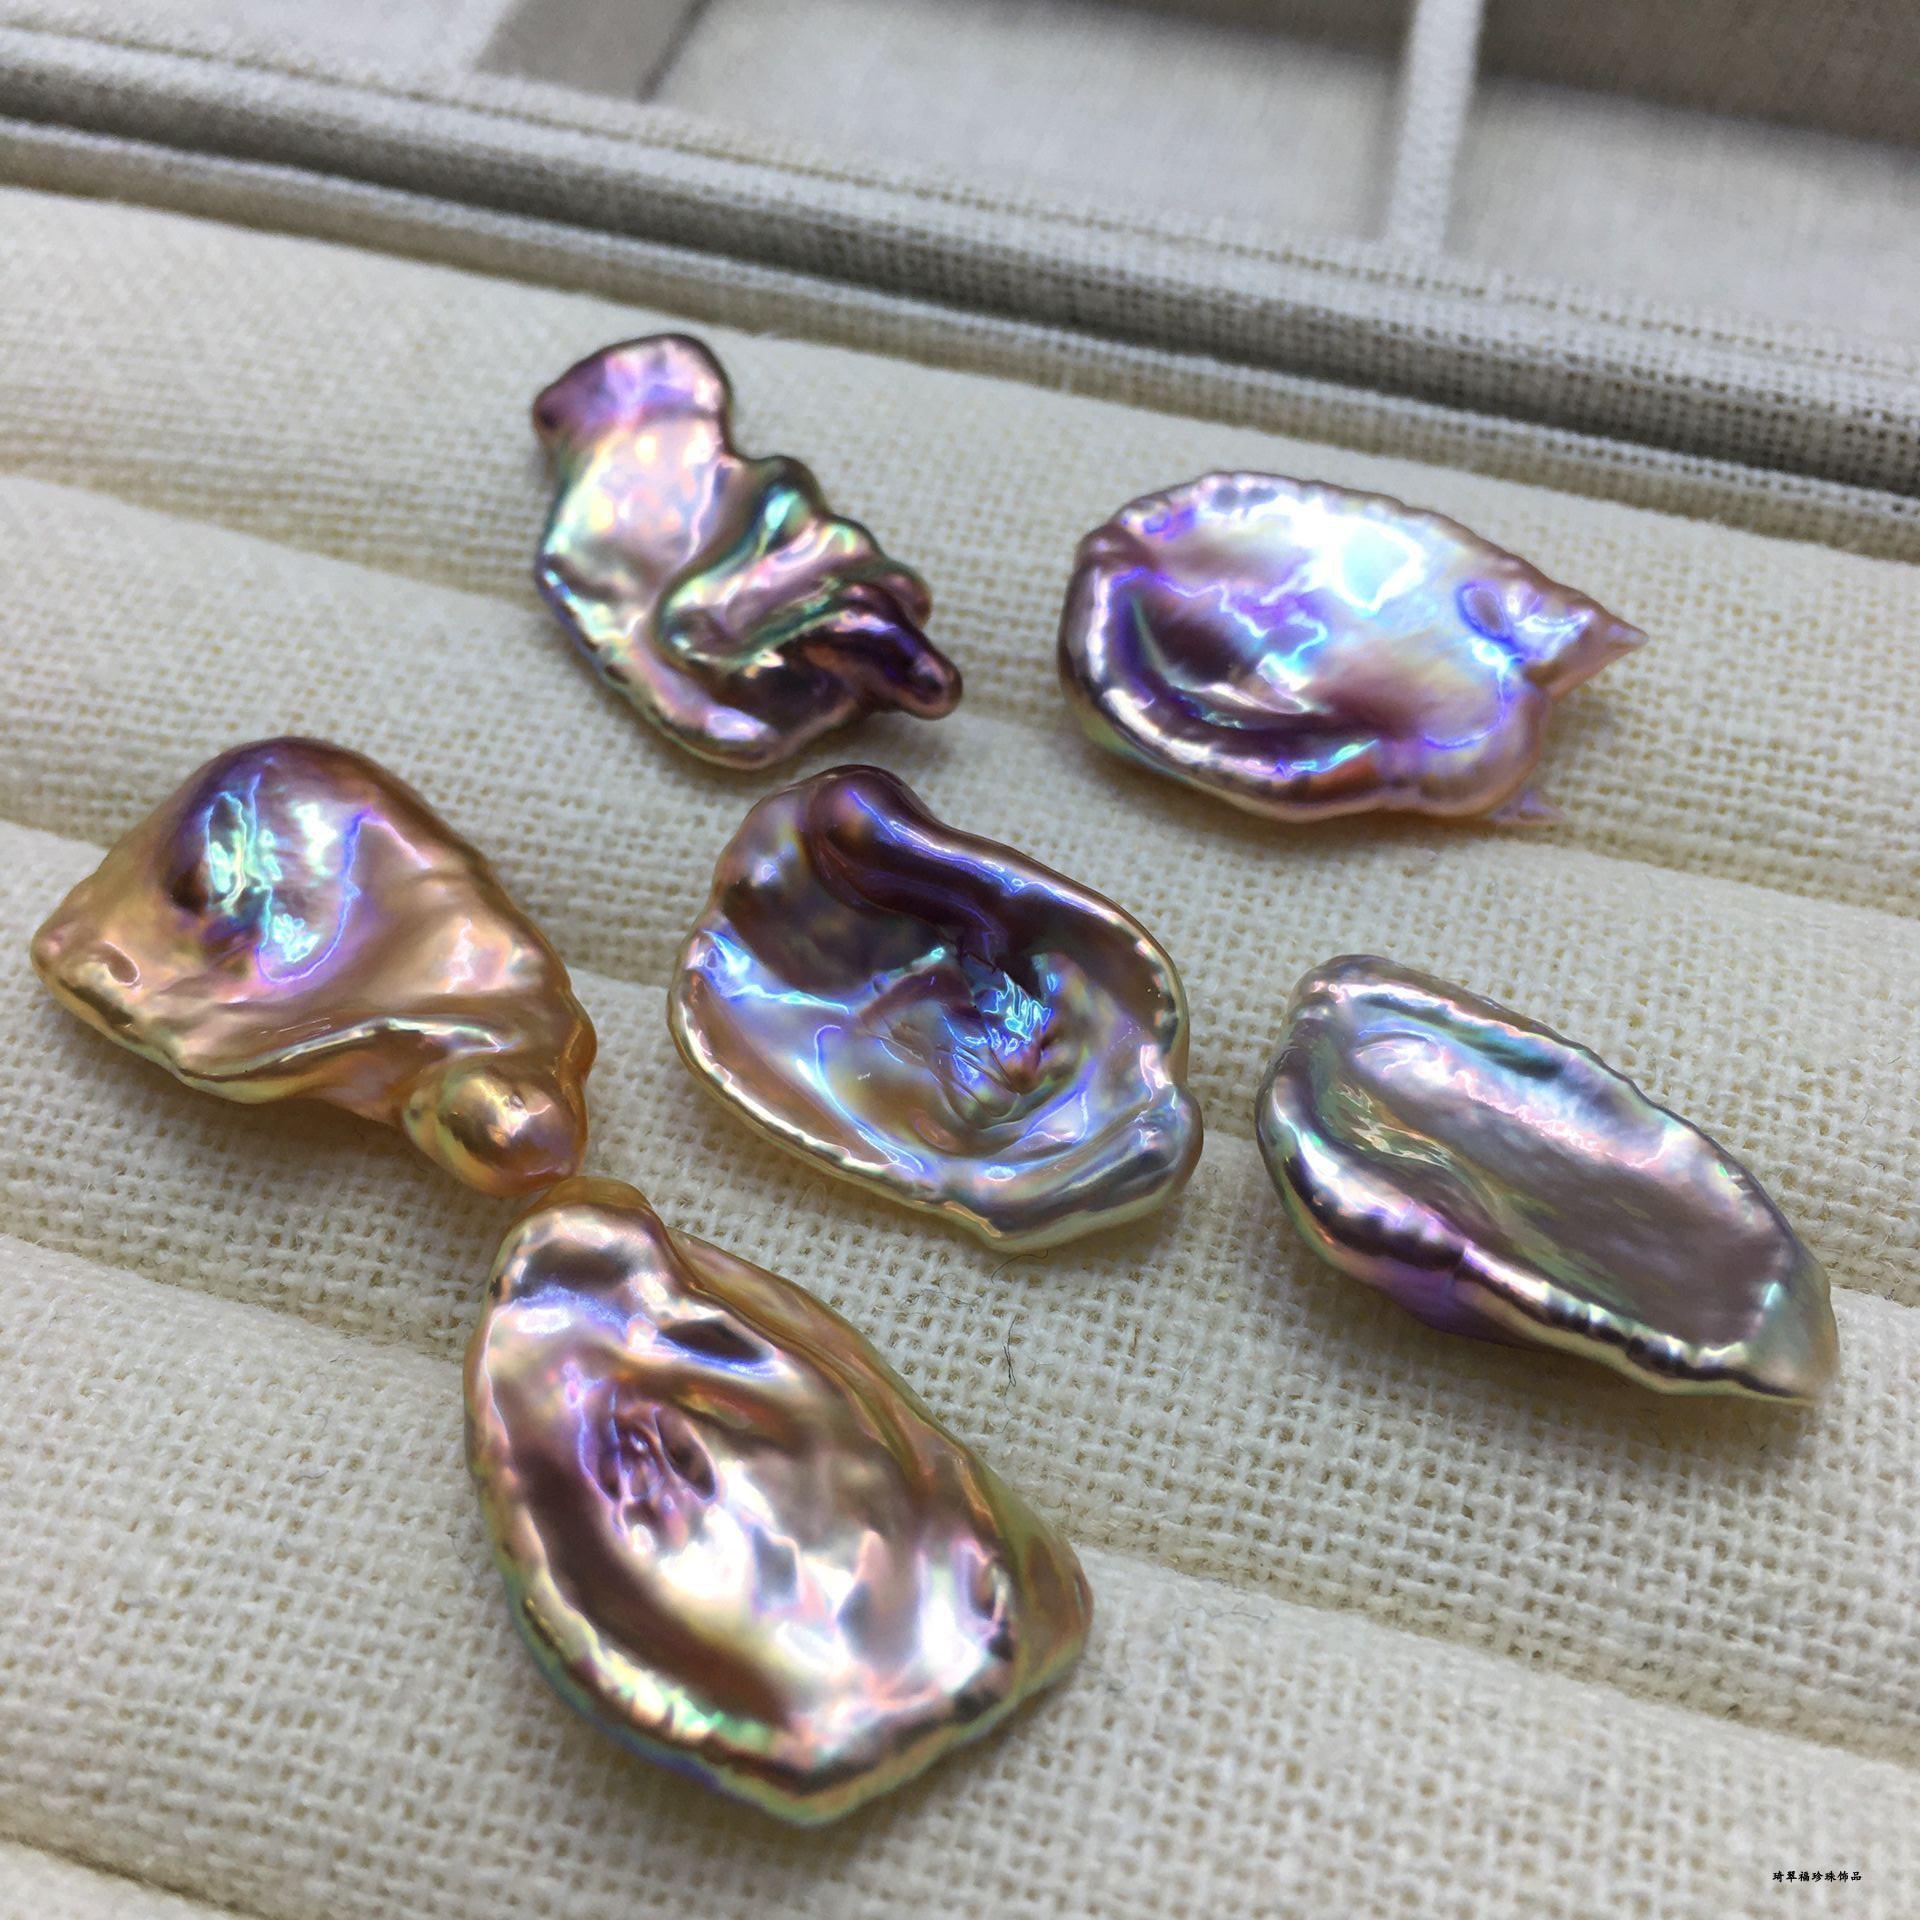 手工优选DIY琦翠福天然淡水珍珠异形花瓣珍珠配对无孔颗粒珠支持